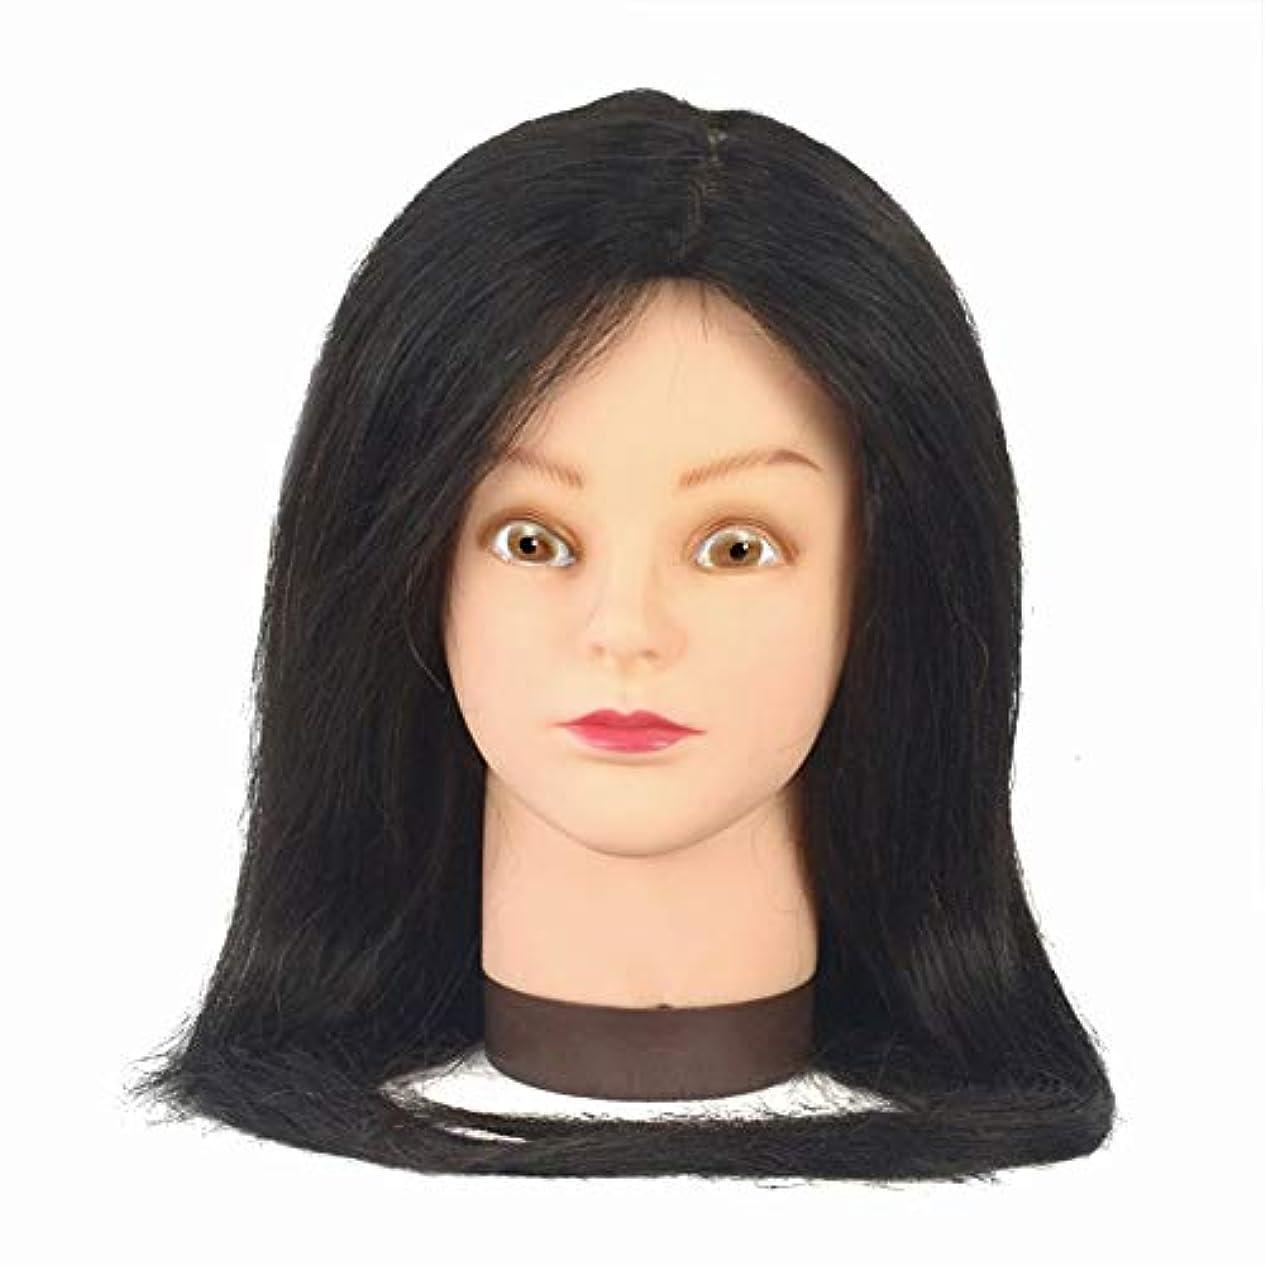 死にかけているガイドライン東ティモール80%リアル人間の髪モデルヘッドサロン学習吹くことができますパーマ髪染めダミーヘッド編集ヘア練習ヘッドモデル,Black